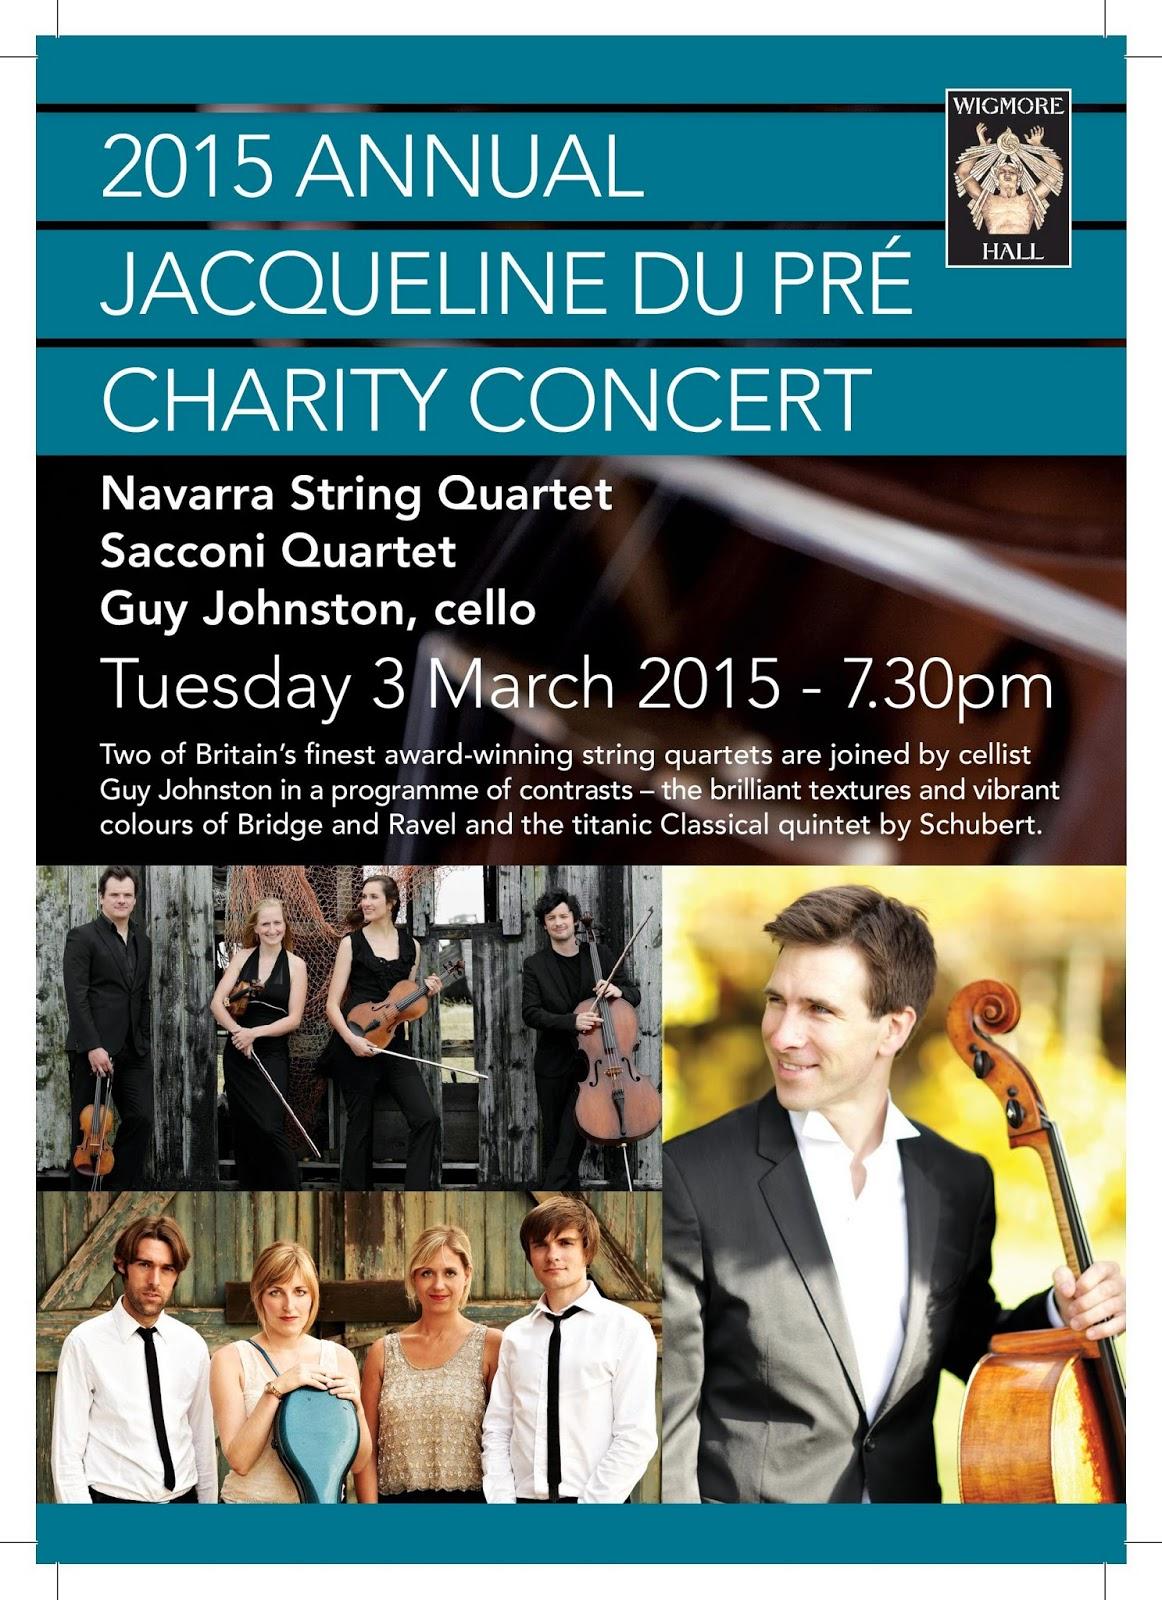 2015 Annual Jacqueline du Pre Charity Concert